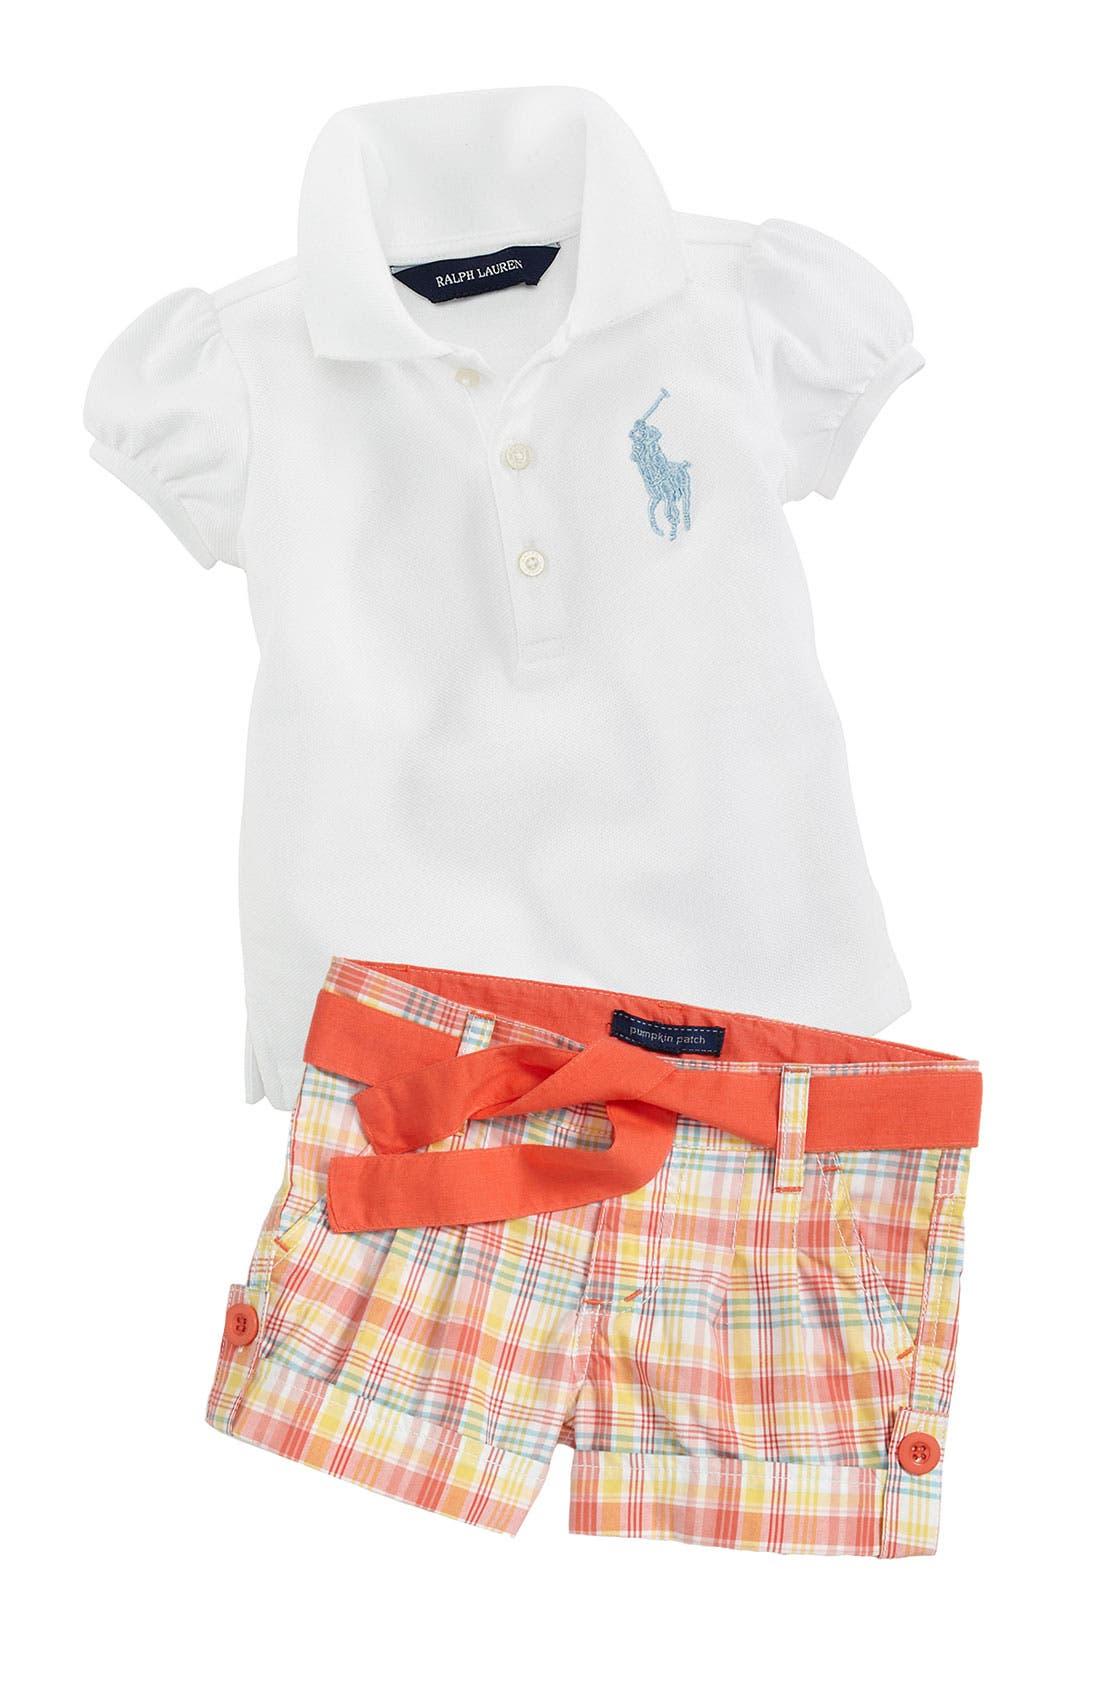 Alternate Image 1 Selected - Ralph Lauren Shirt & Pumpkin Patch Shorts (Infant)